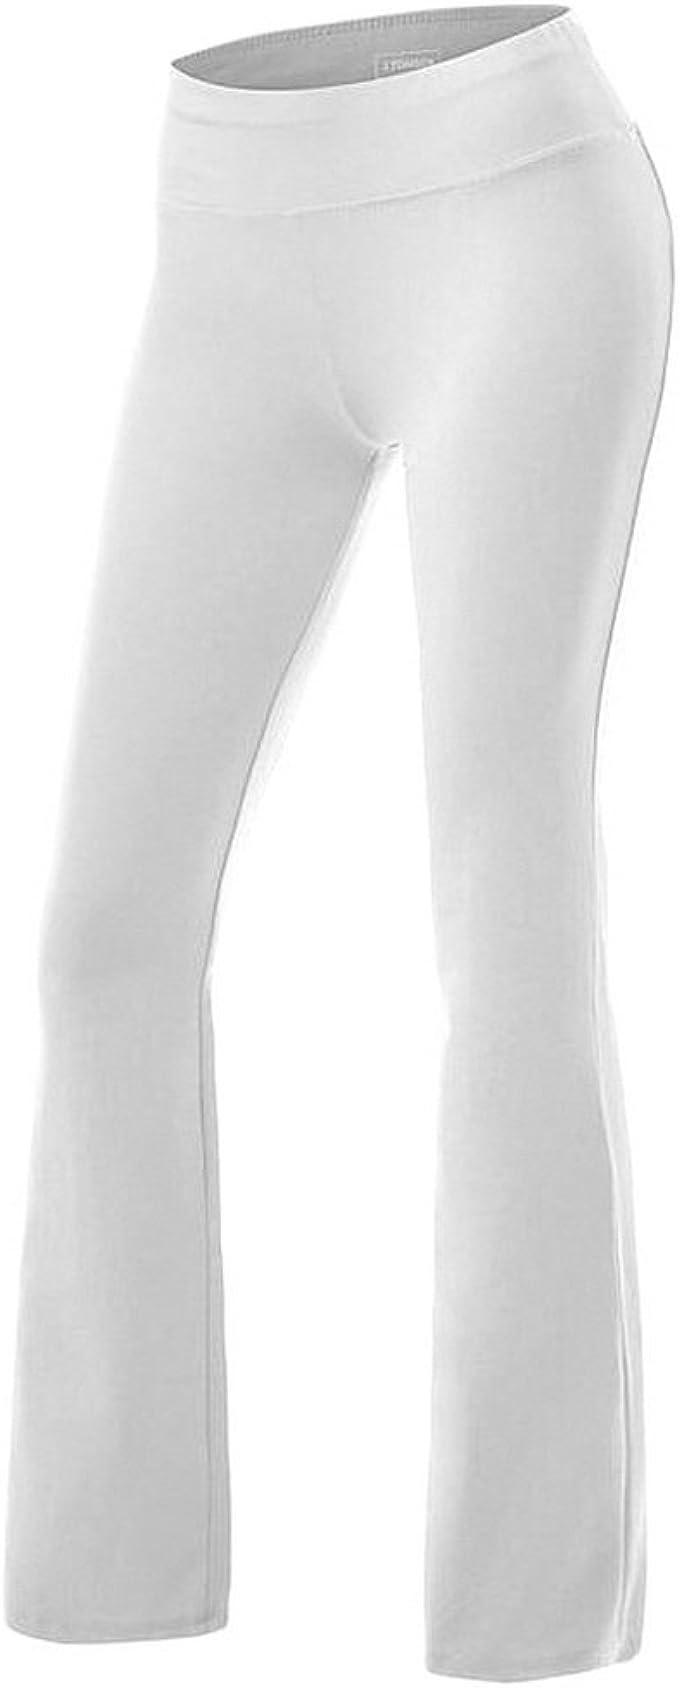 Damen Sporthose Jogginghose Freizeithose Yoga Schlaghose Stretch Trainingshosen